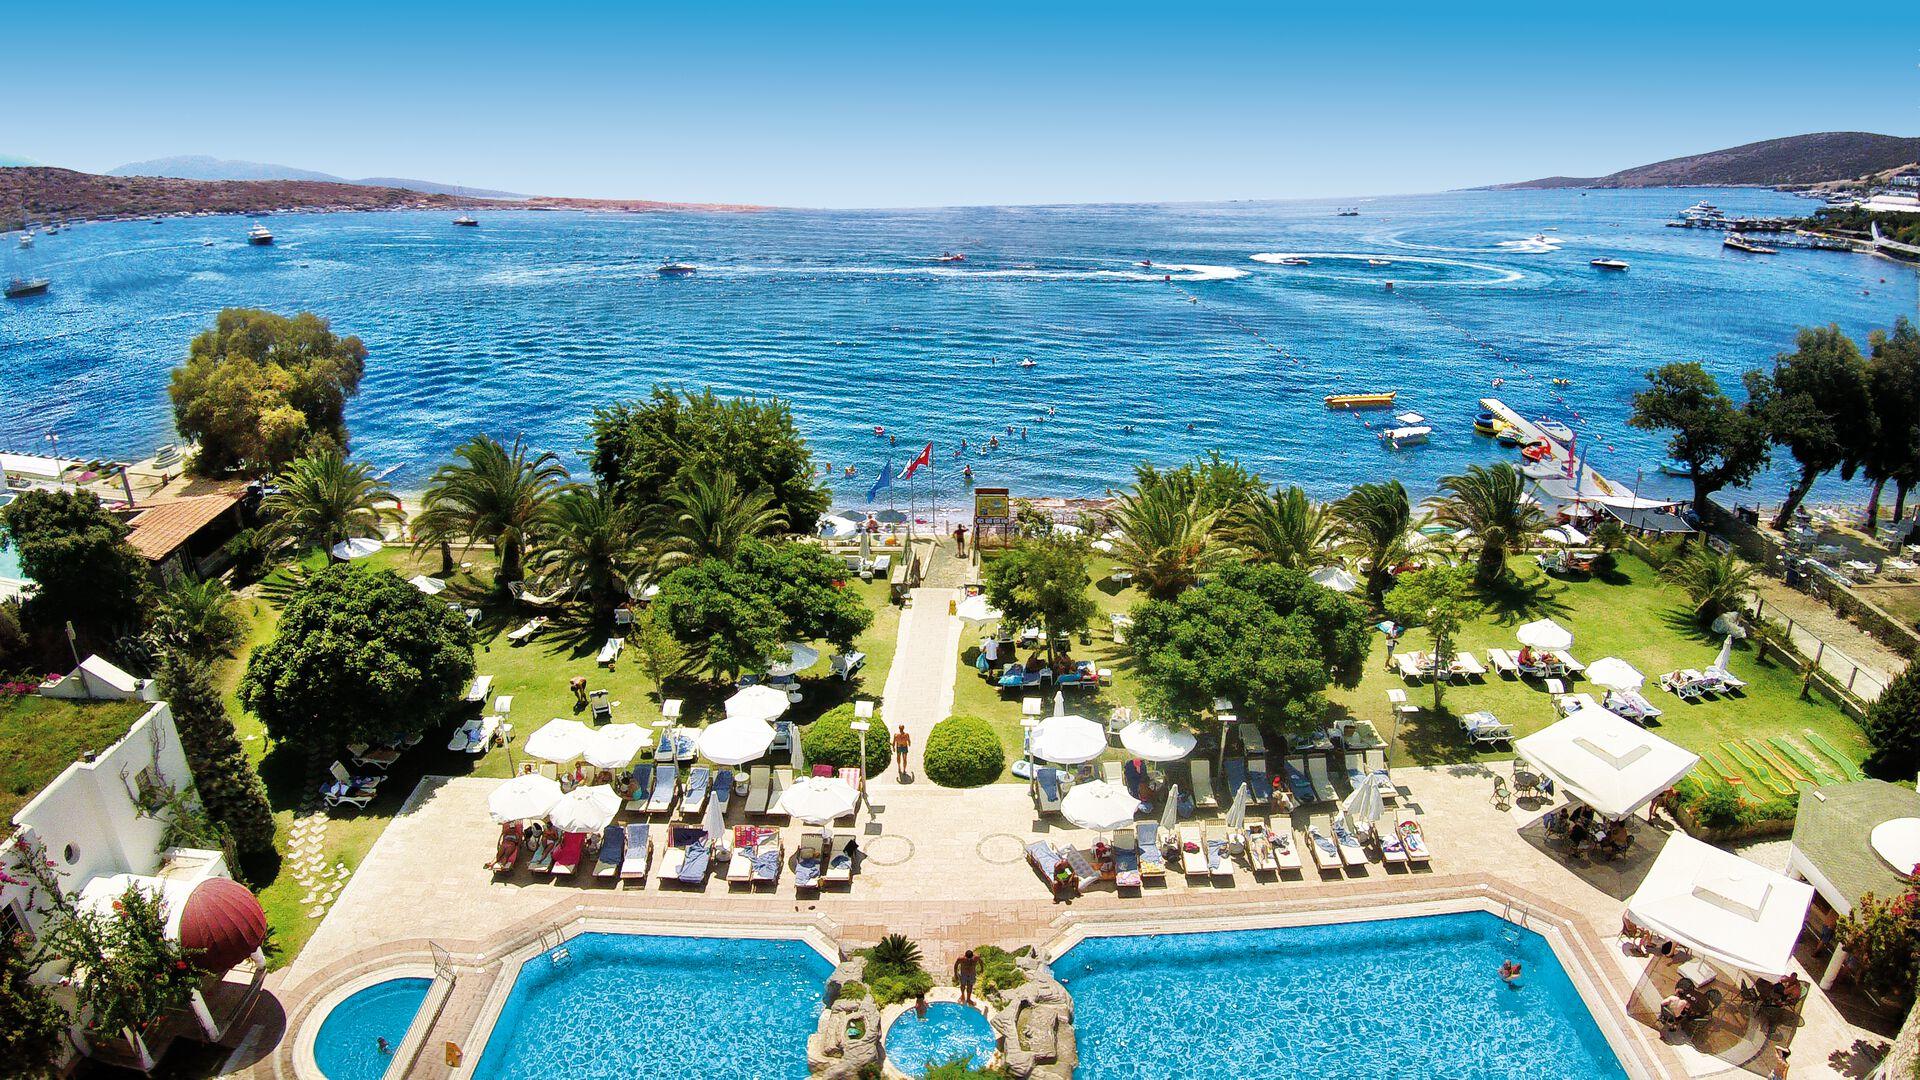 Hotel Royal Asarlik Beach - 5*